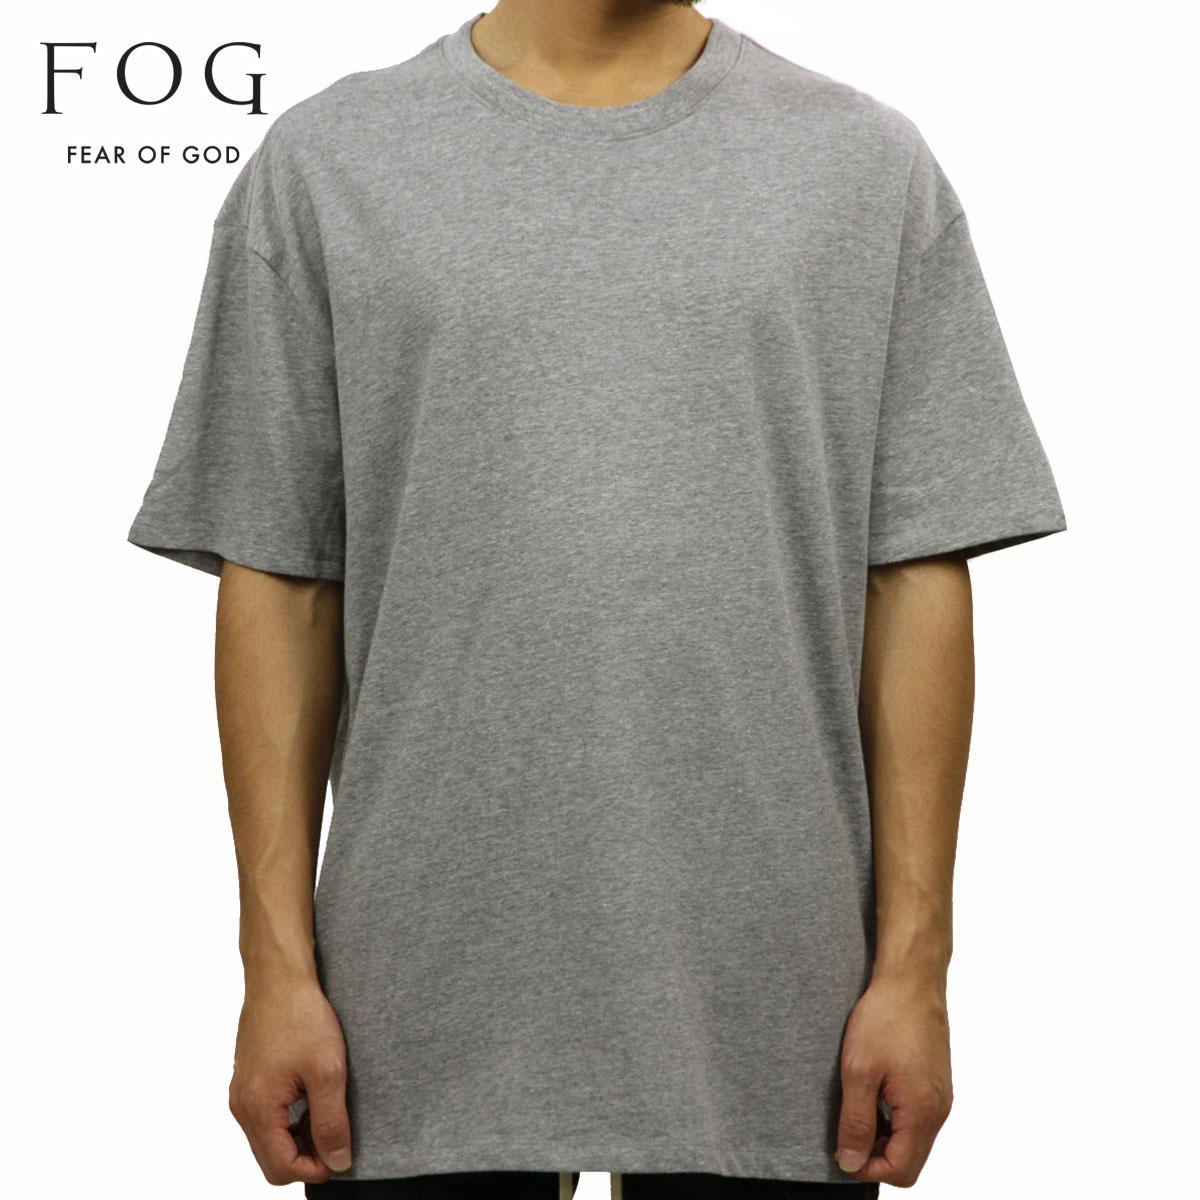 フィアオブゴッド FEAR OF GOD 正規品 メンズ クルーネック 無地 半袖Tシャツ FOG - FEAR OF GOD ESSENTIALS BOXY T-SHIRT GRAY